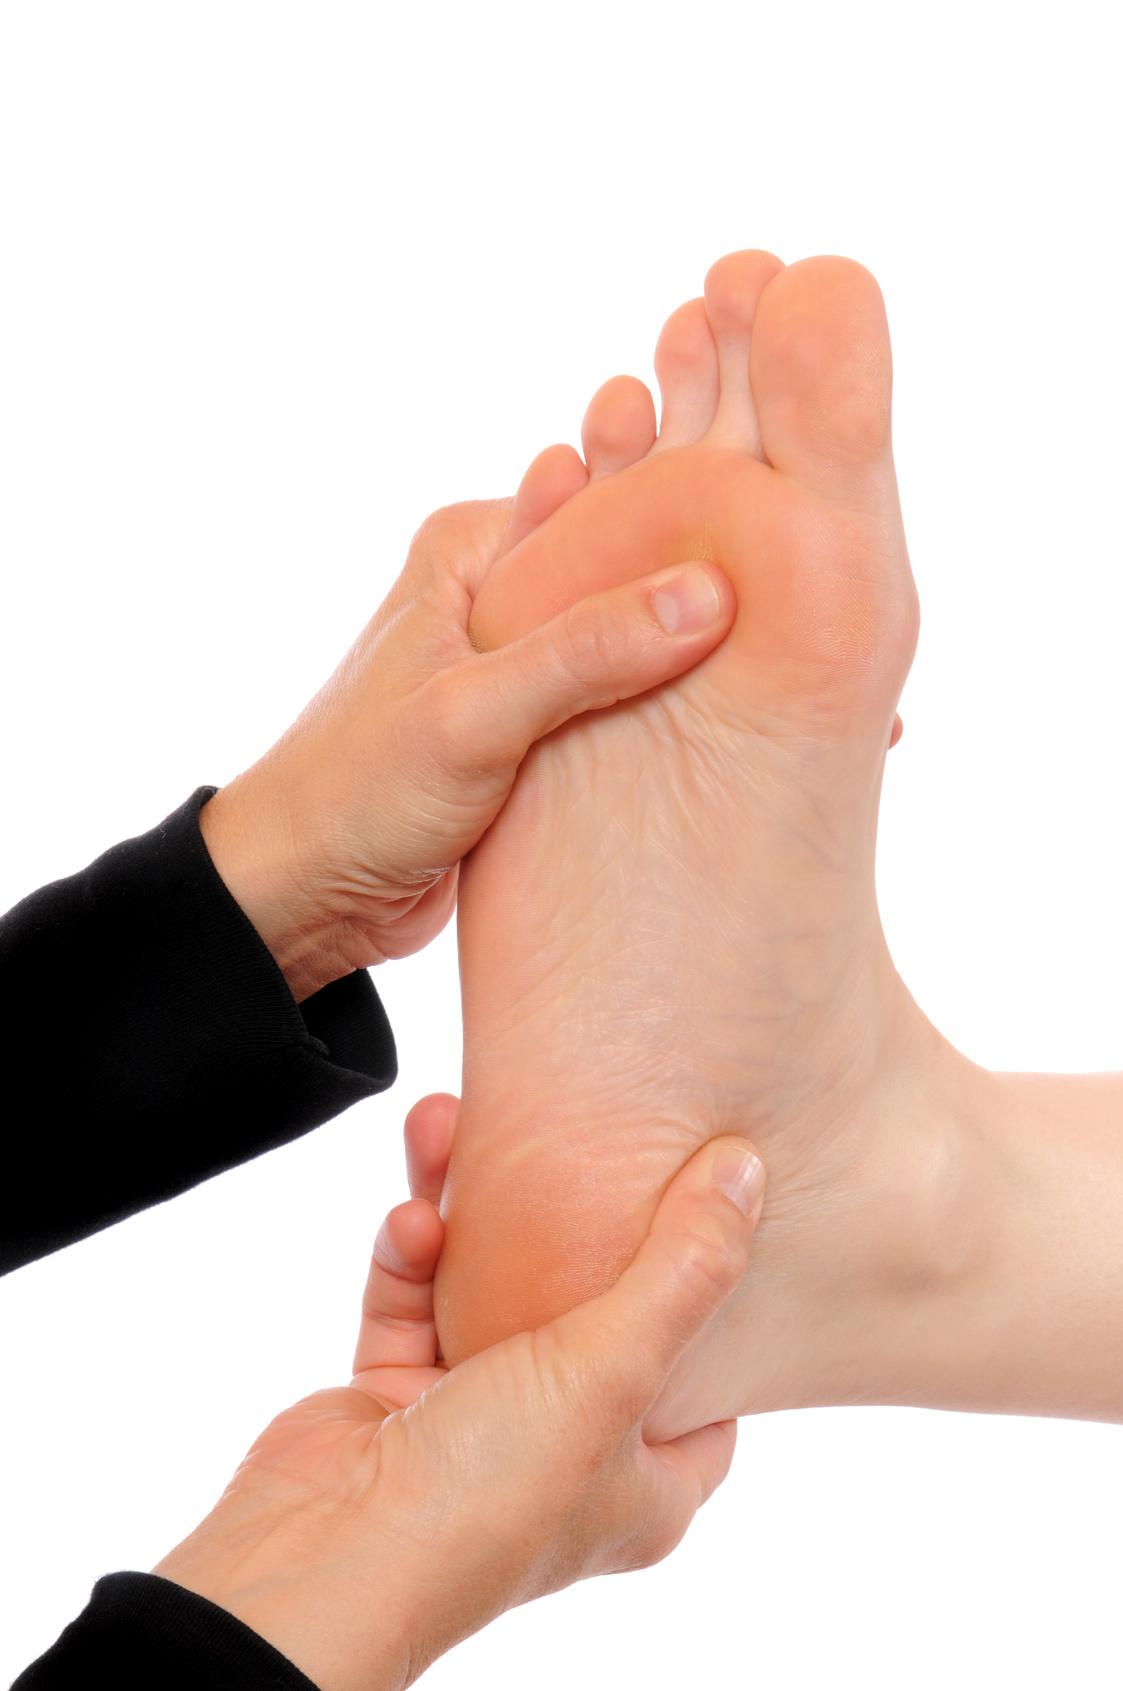 Die Füße einer jungen Frau werden massiert / Pampering of the feet of a young woman